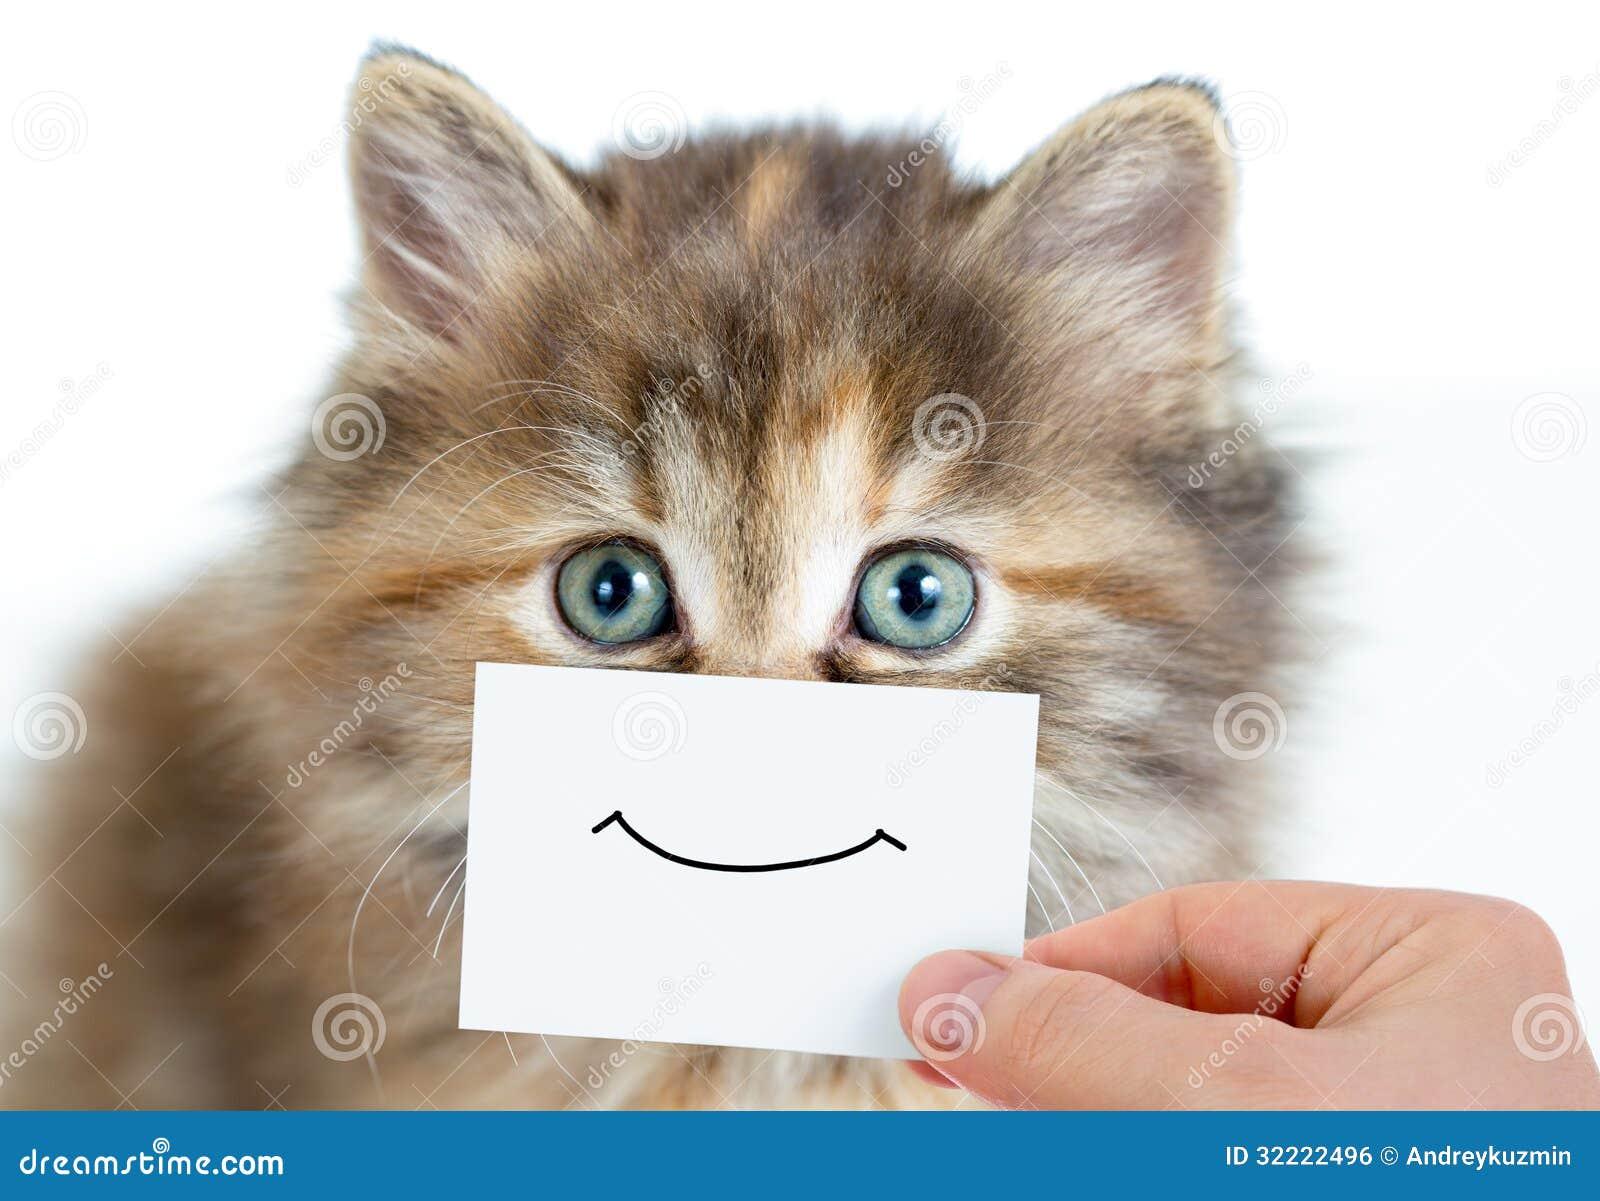 Retrato divertido del gatito con sonrisa en tarjeta